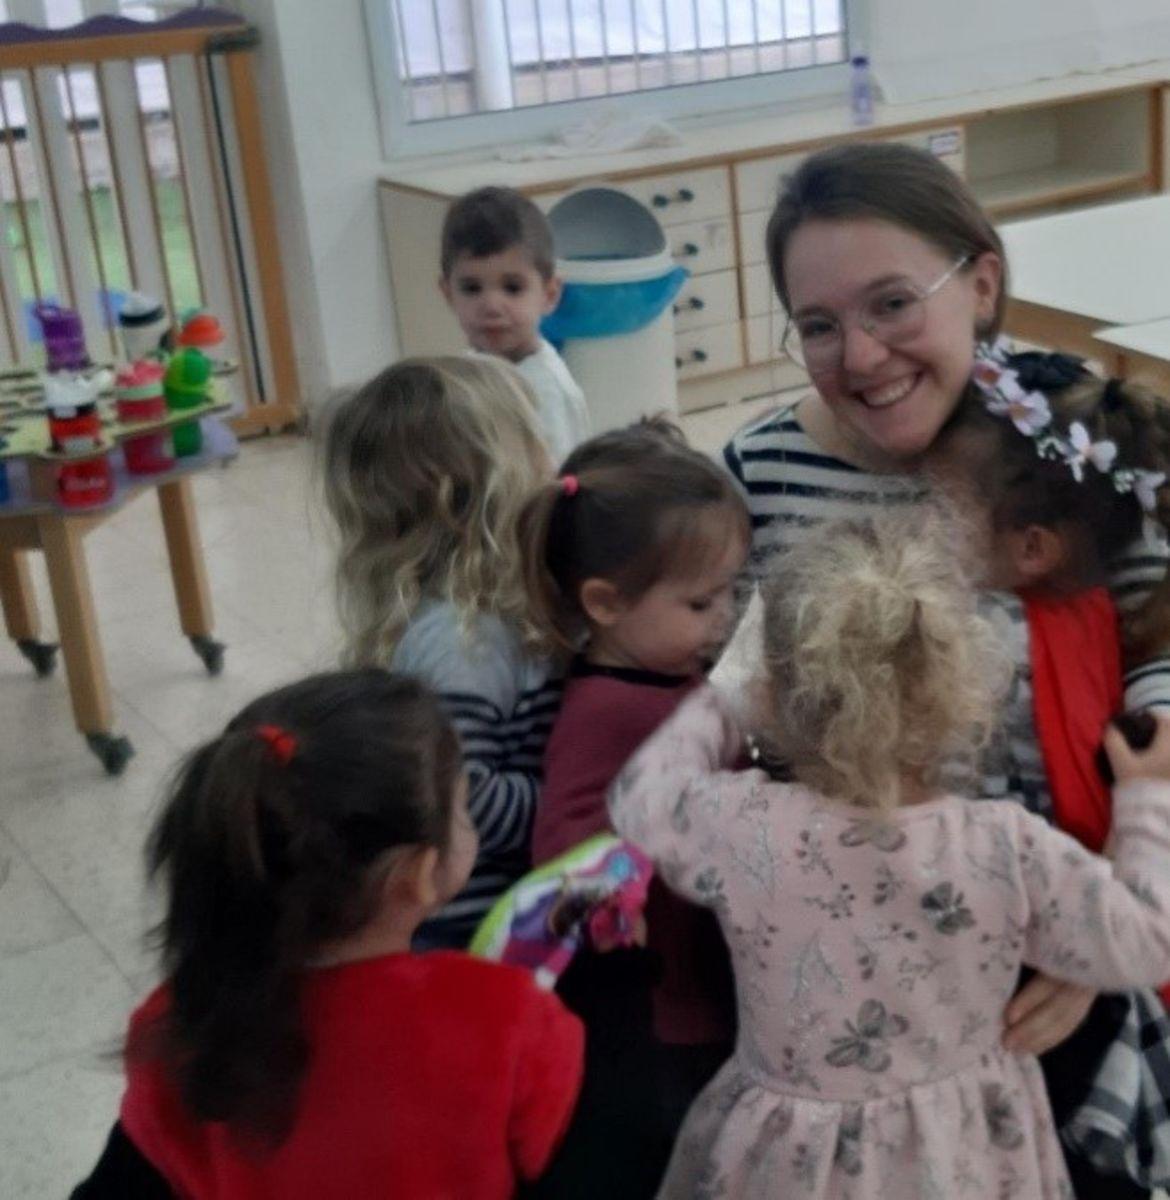 Verein Österreichischer Auslandsdienst: Anna Fürstaller aus Taxenbach arbeitete in einer Israelischen Kindertagesstätte.